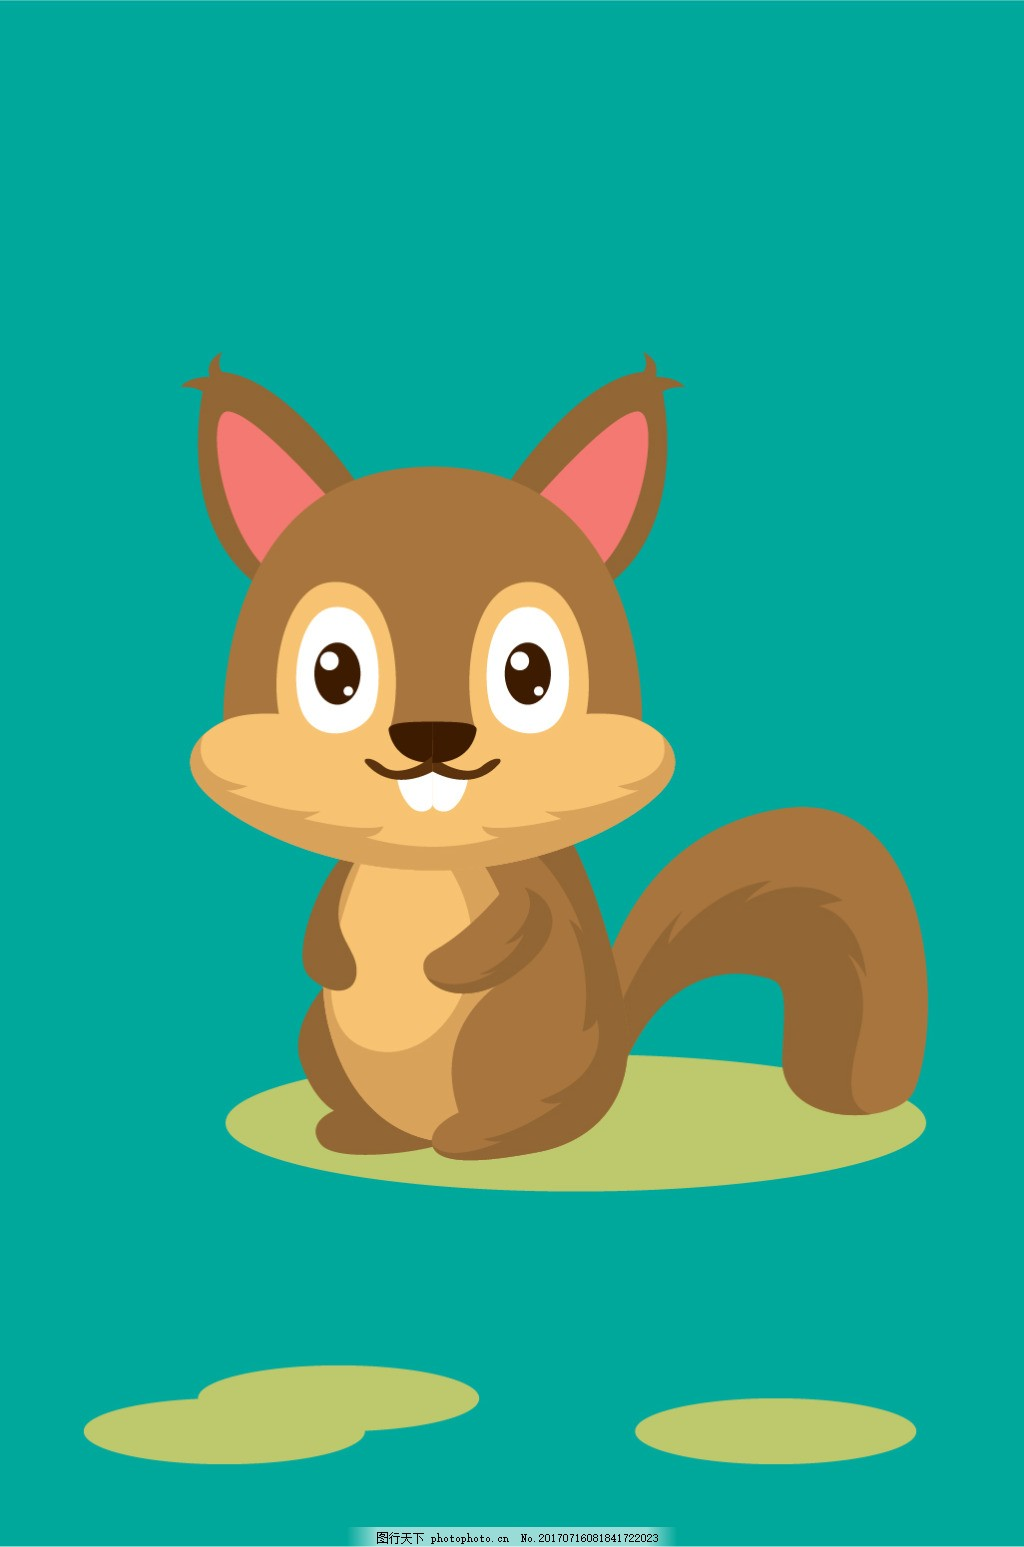 松鼠小牙西卡通插画 松树 动物 棕色 大牙 可爱 大眼 插花 矢量